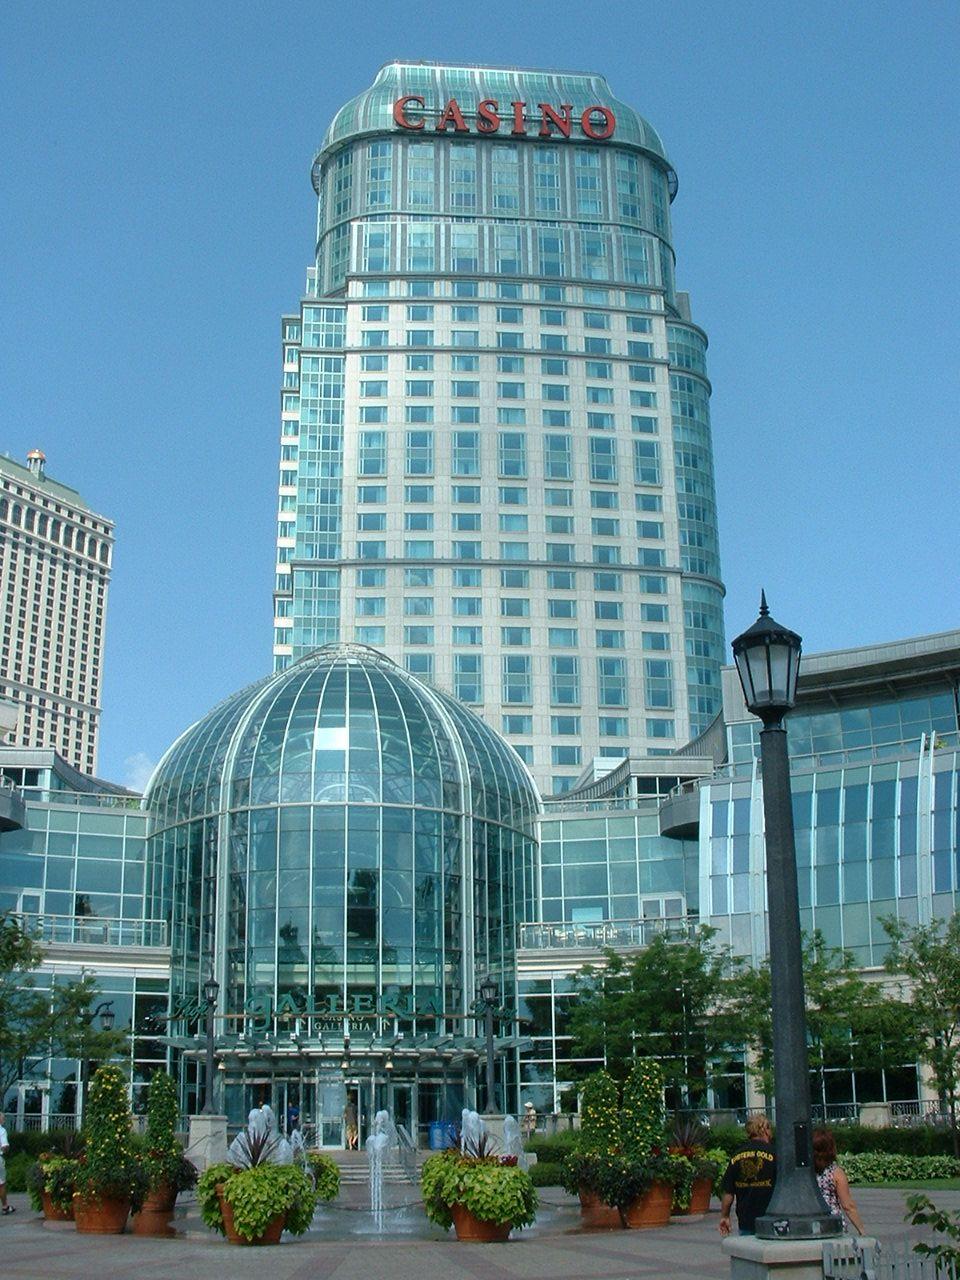 Niagara falls casino canada bet fred casino